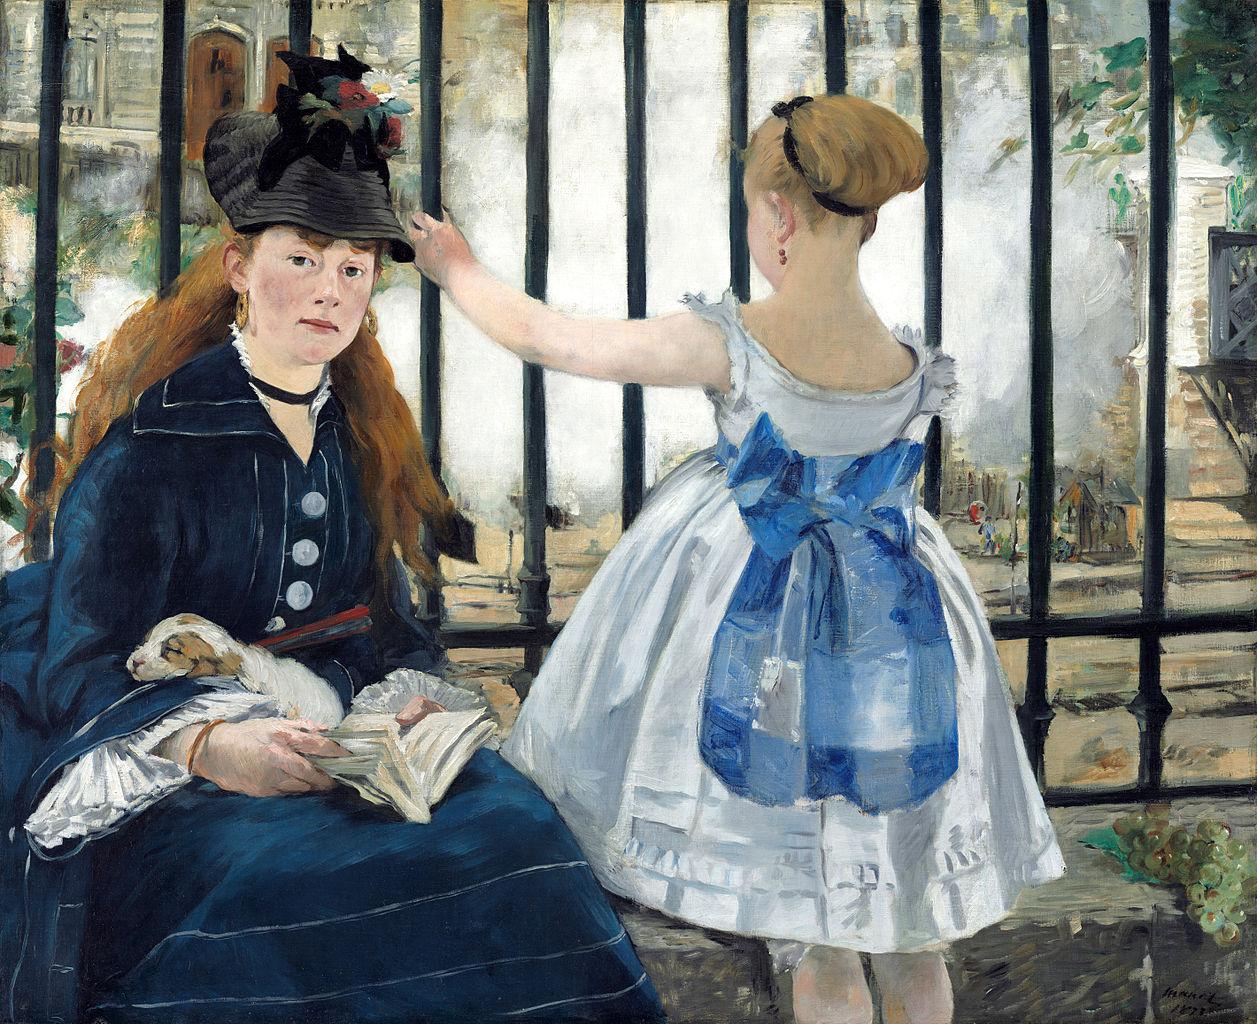 Le Chemin de fer (1873)